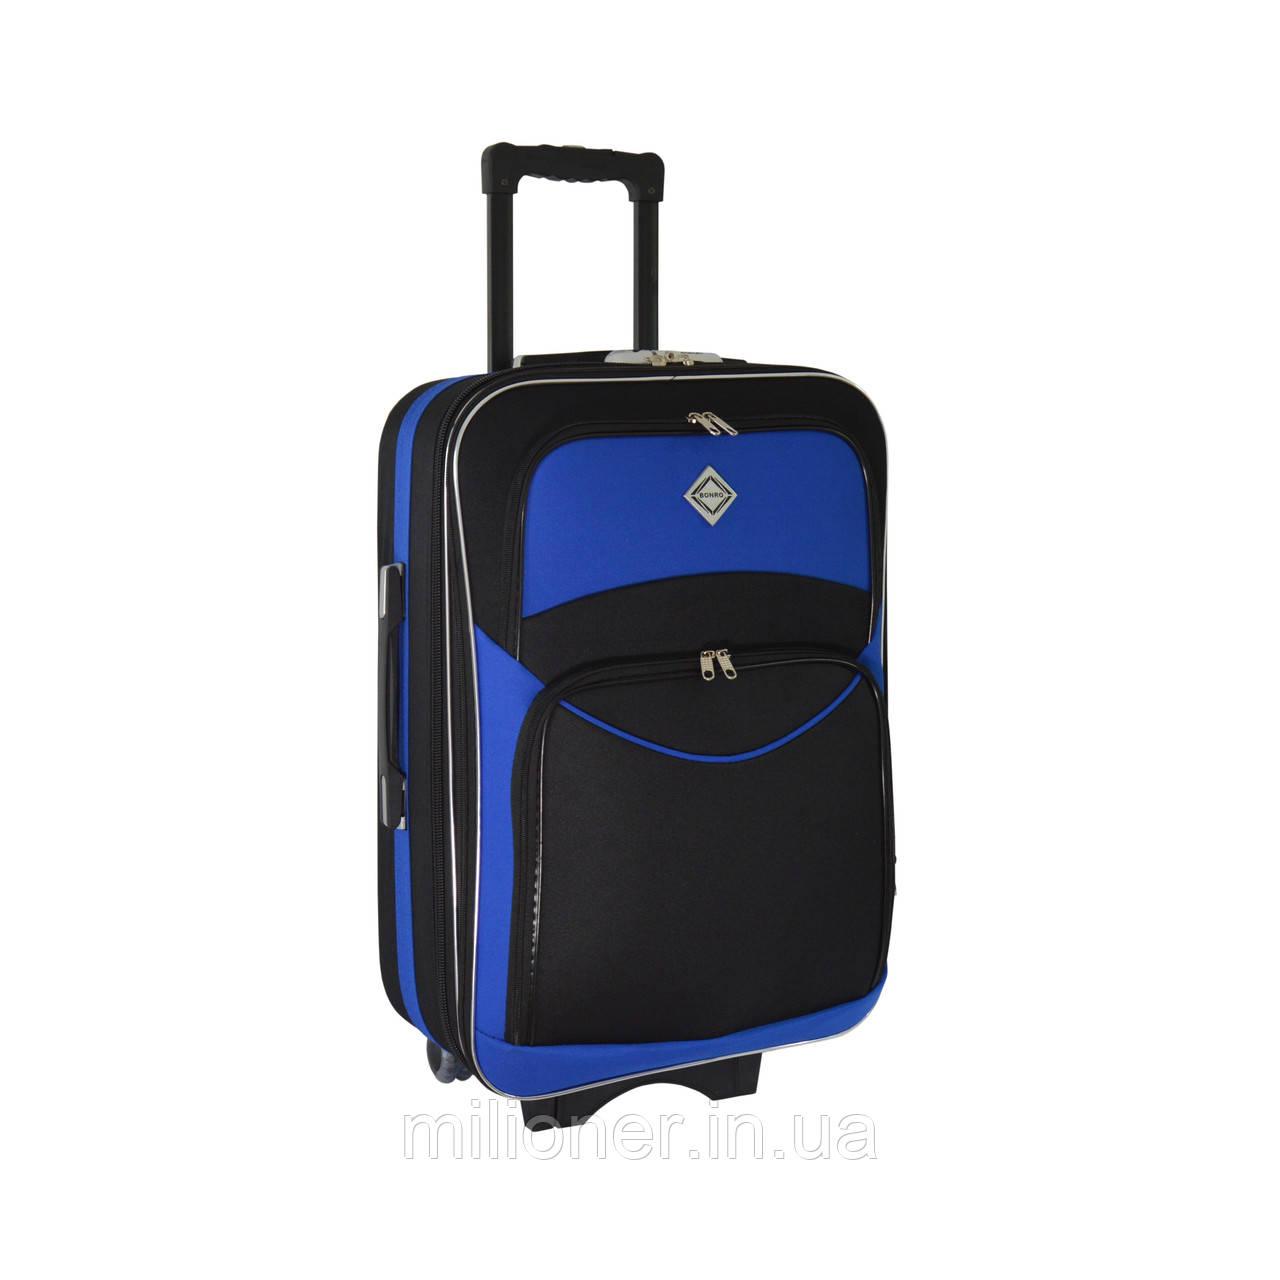 Чемодан Bonro Style (средний) черно-синий